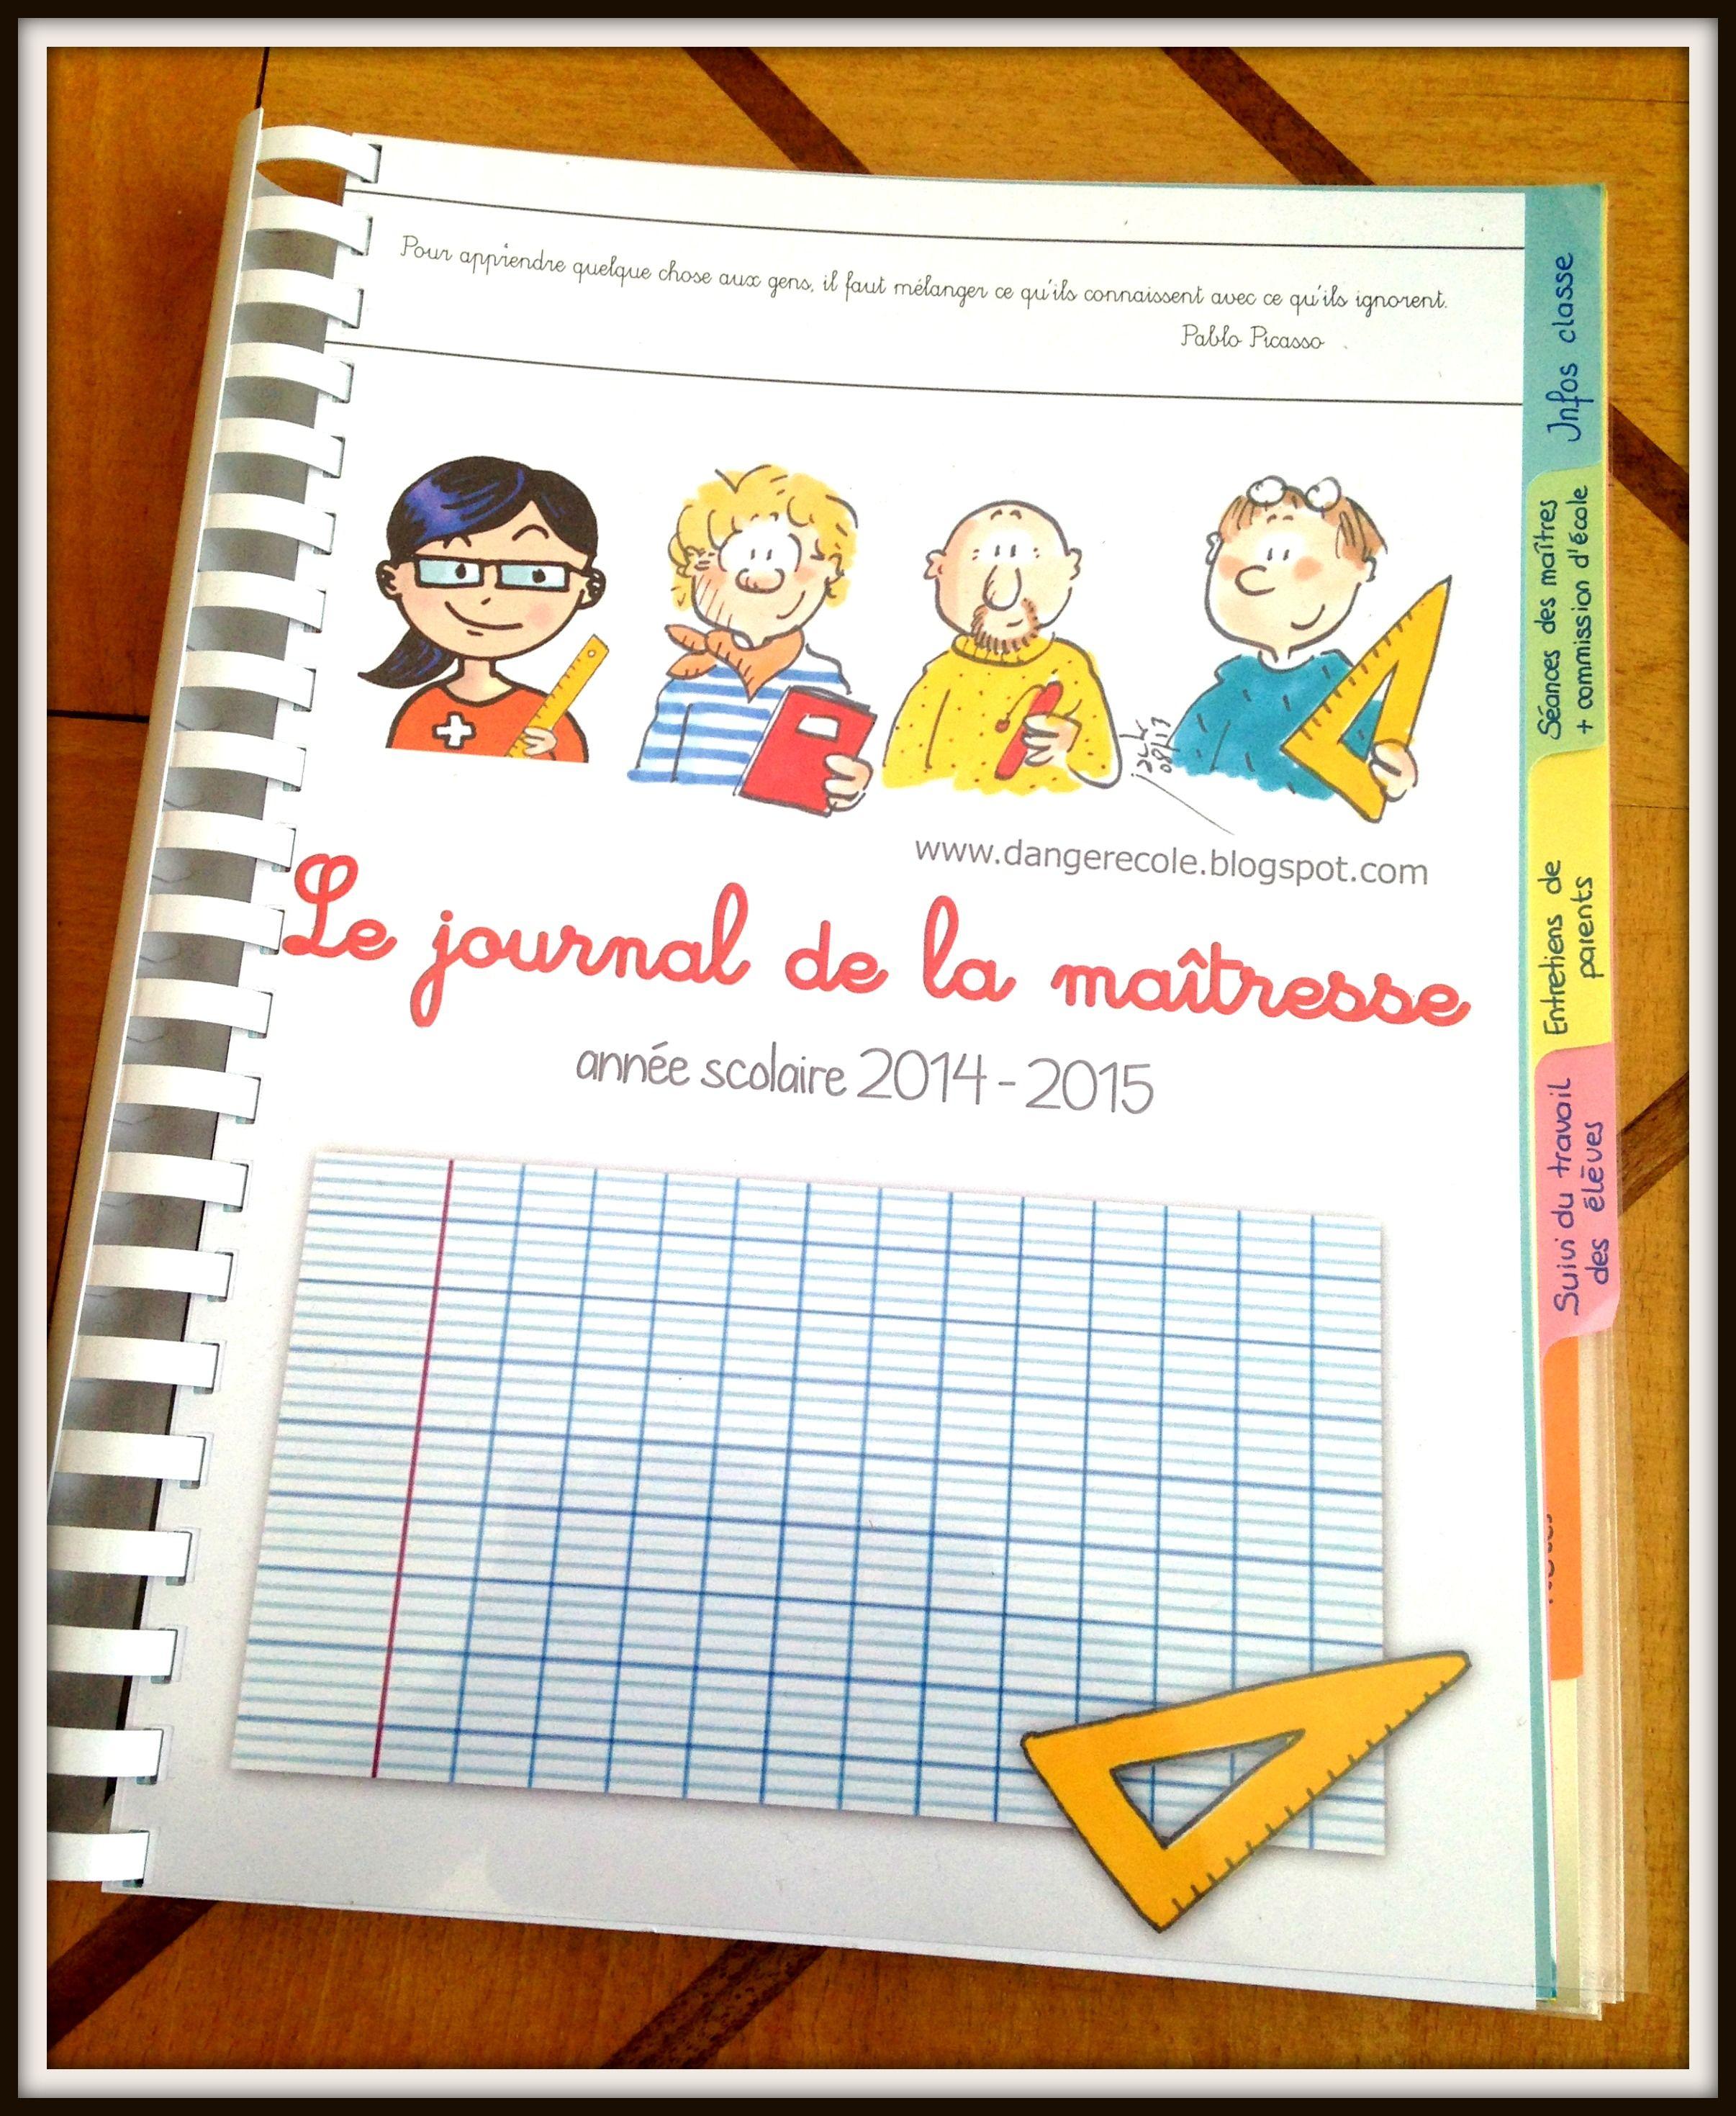 Cahier journal classes id es rangement astuces for Le journal de la